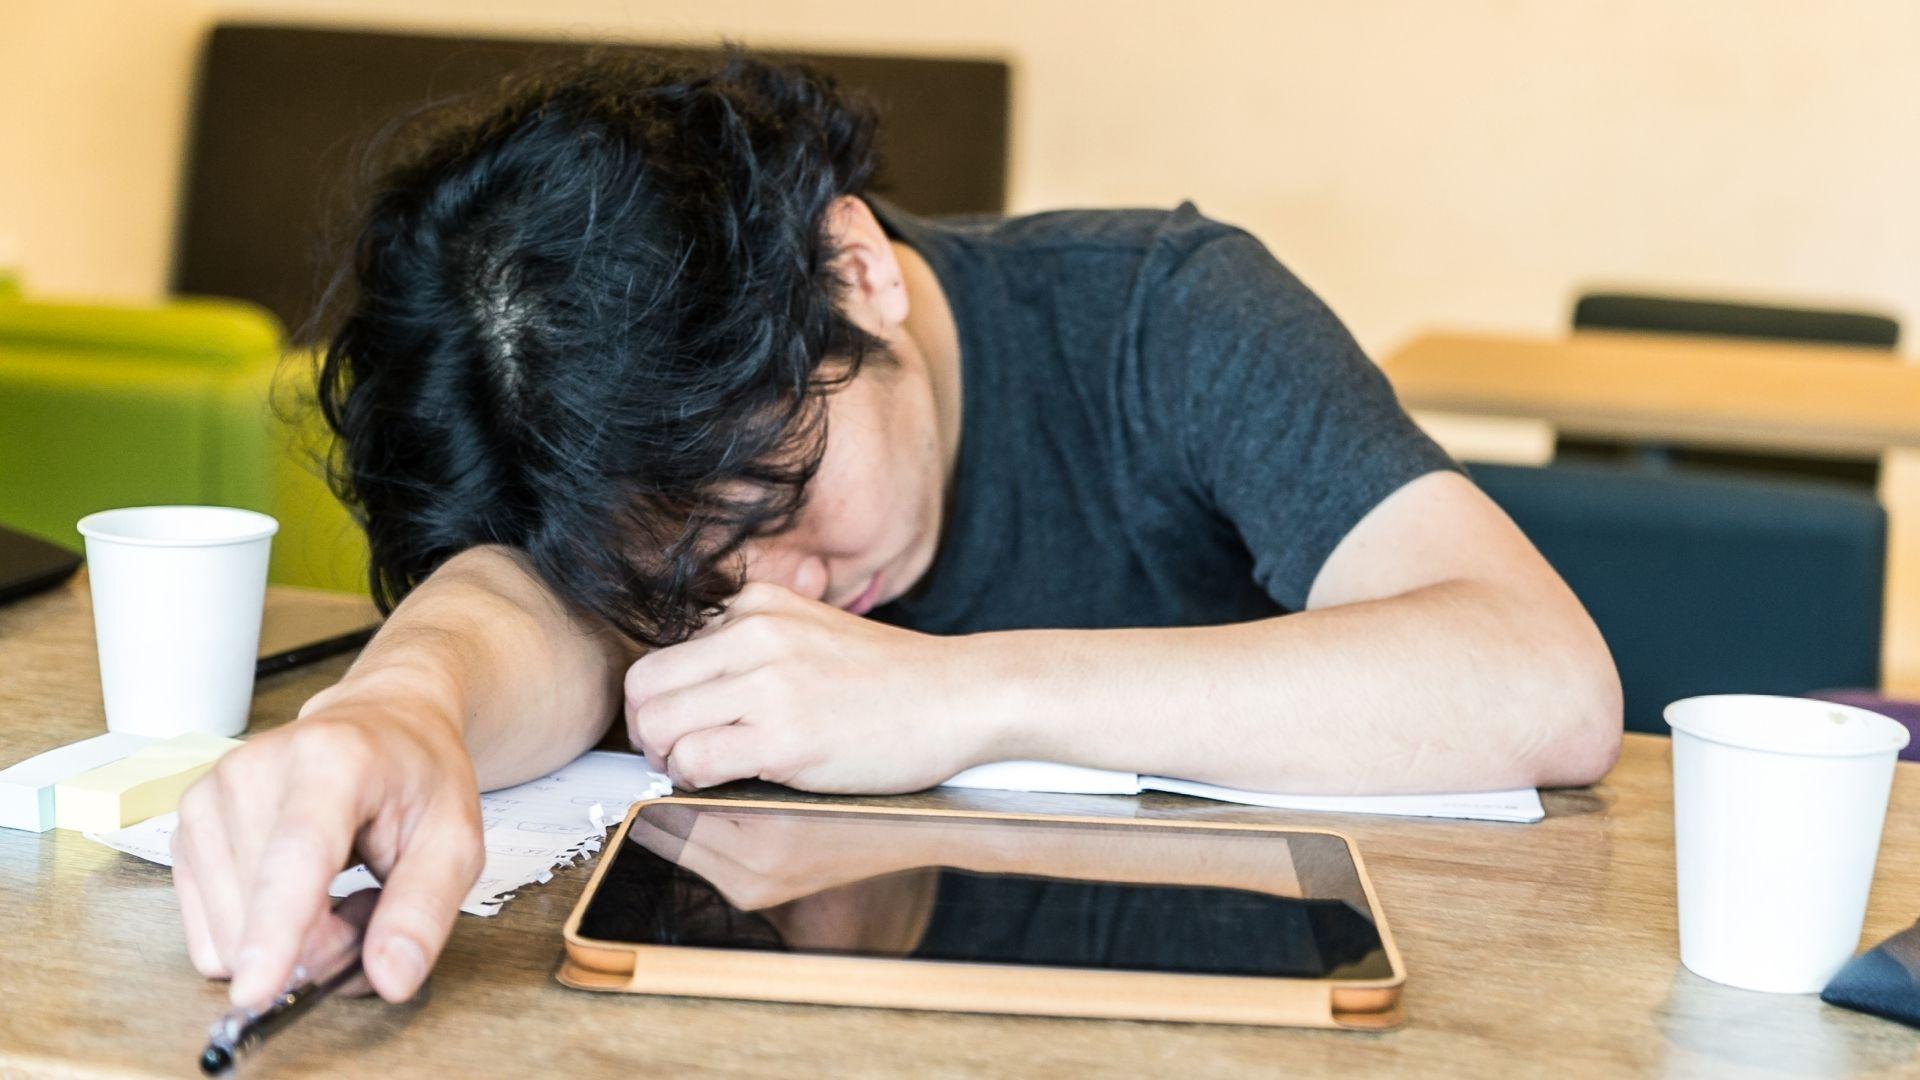 En Japón te puedes dormir en cualquier dado incluido el trabajo